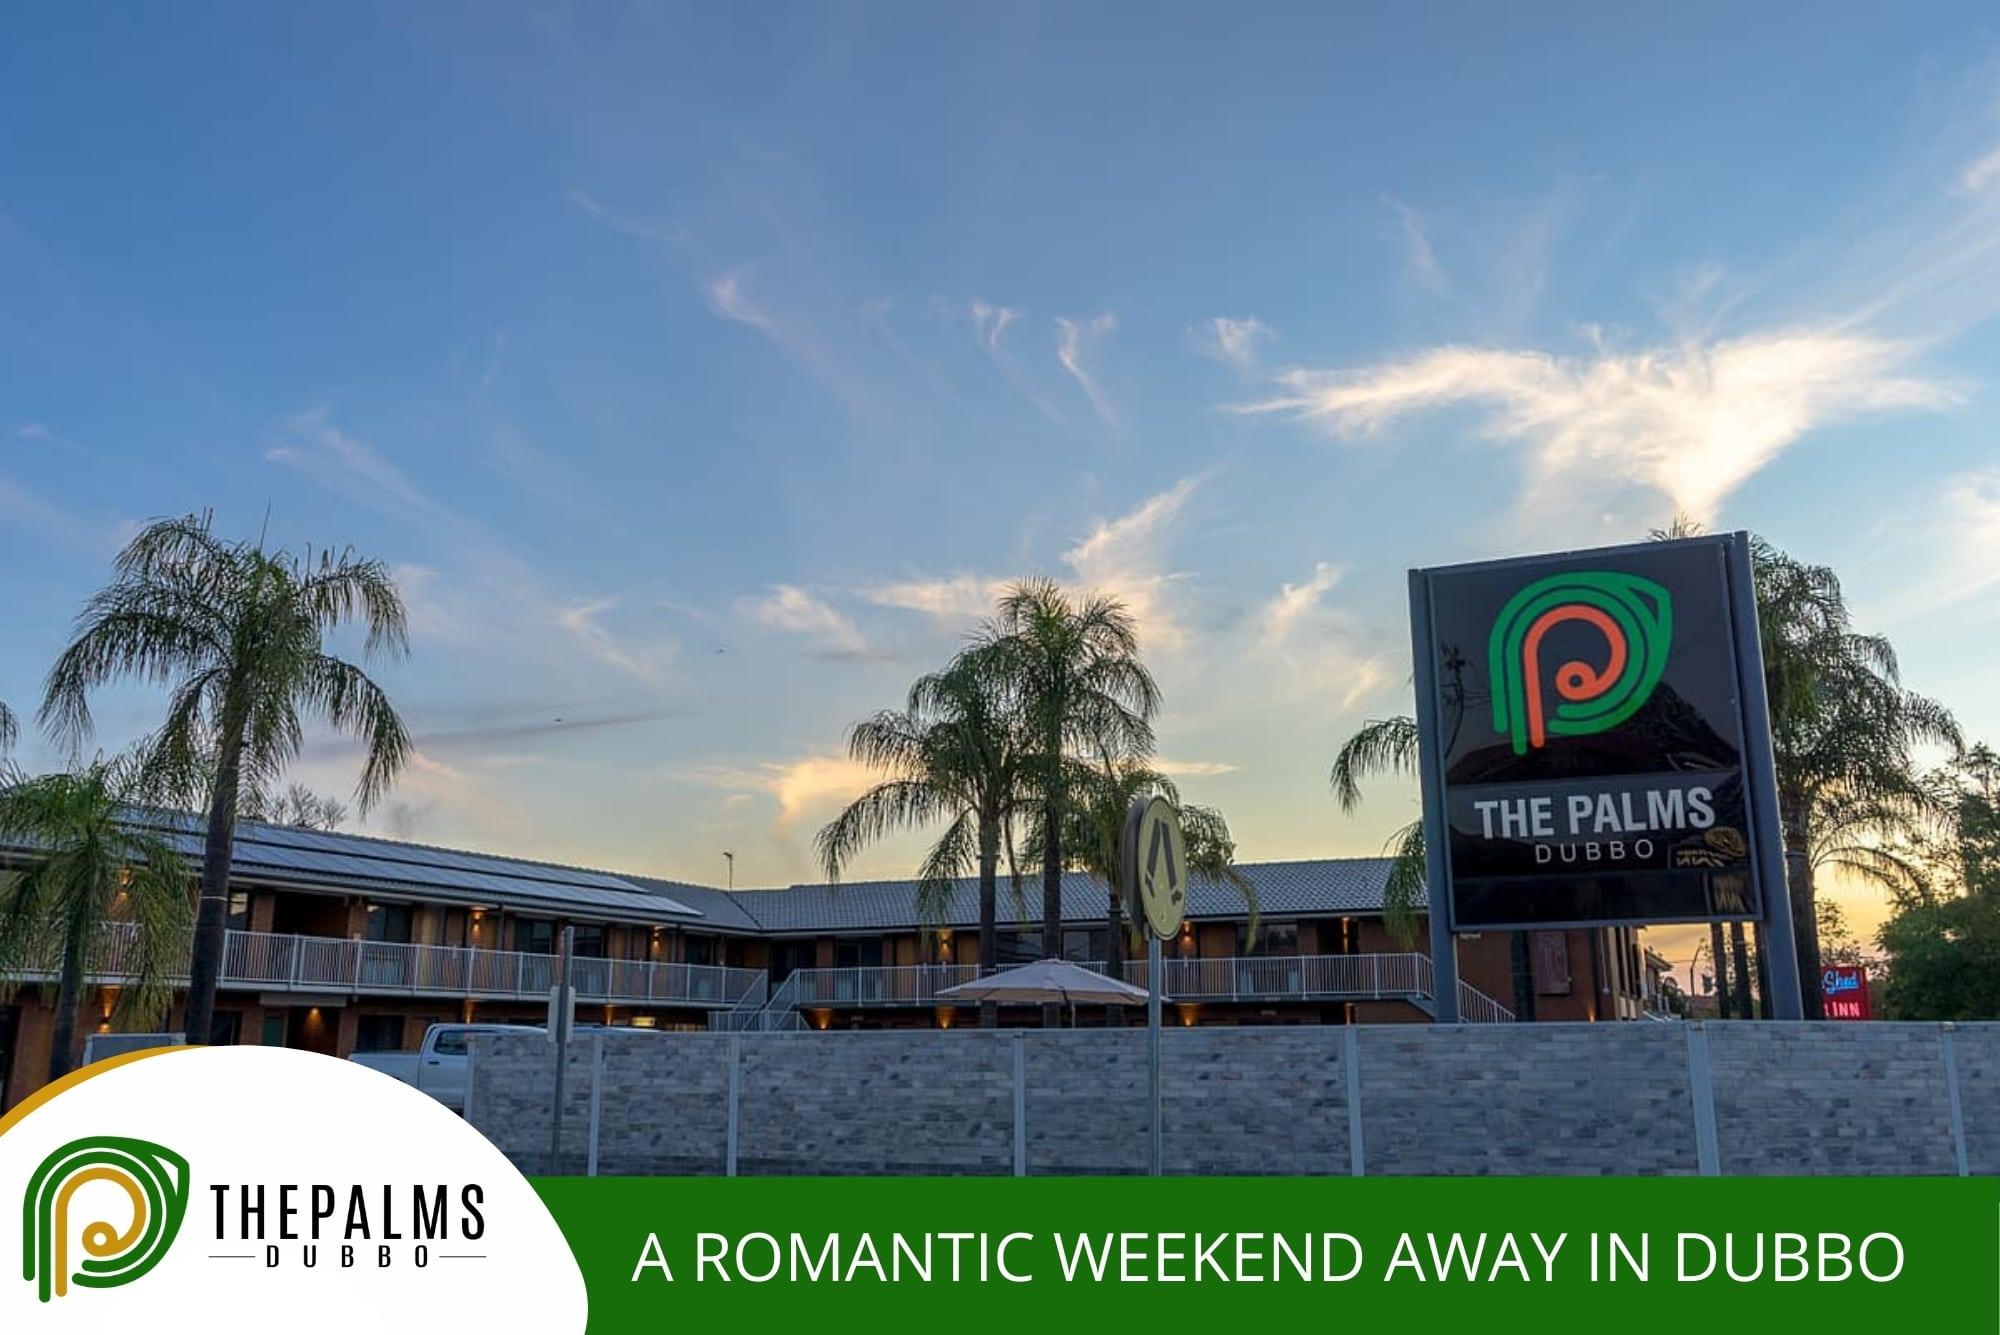 A Romantic Weekend Away in Dubbo